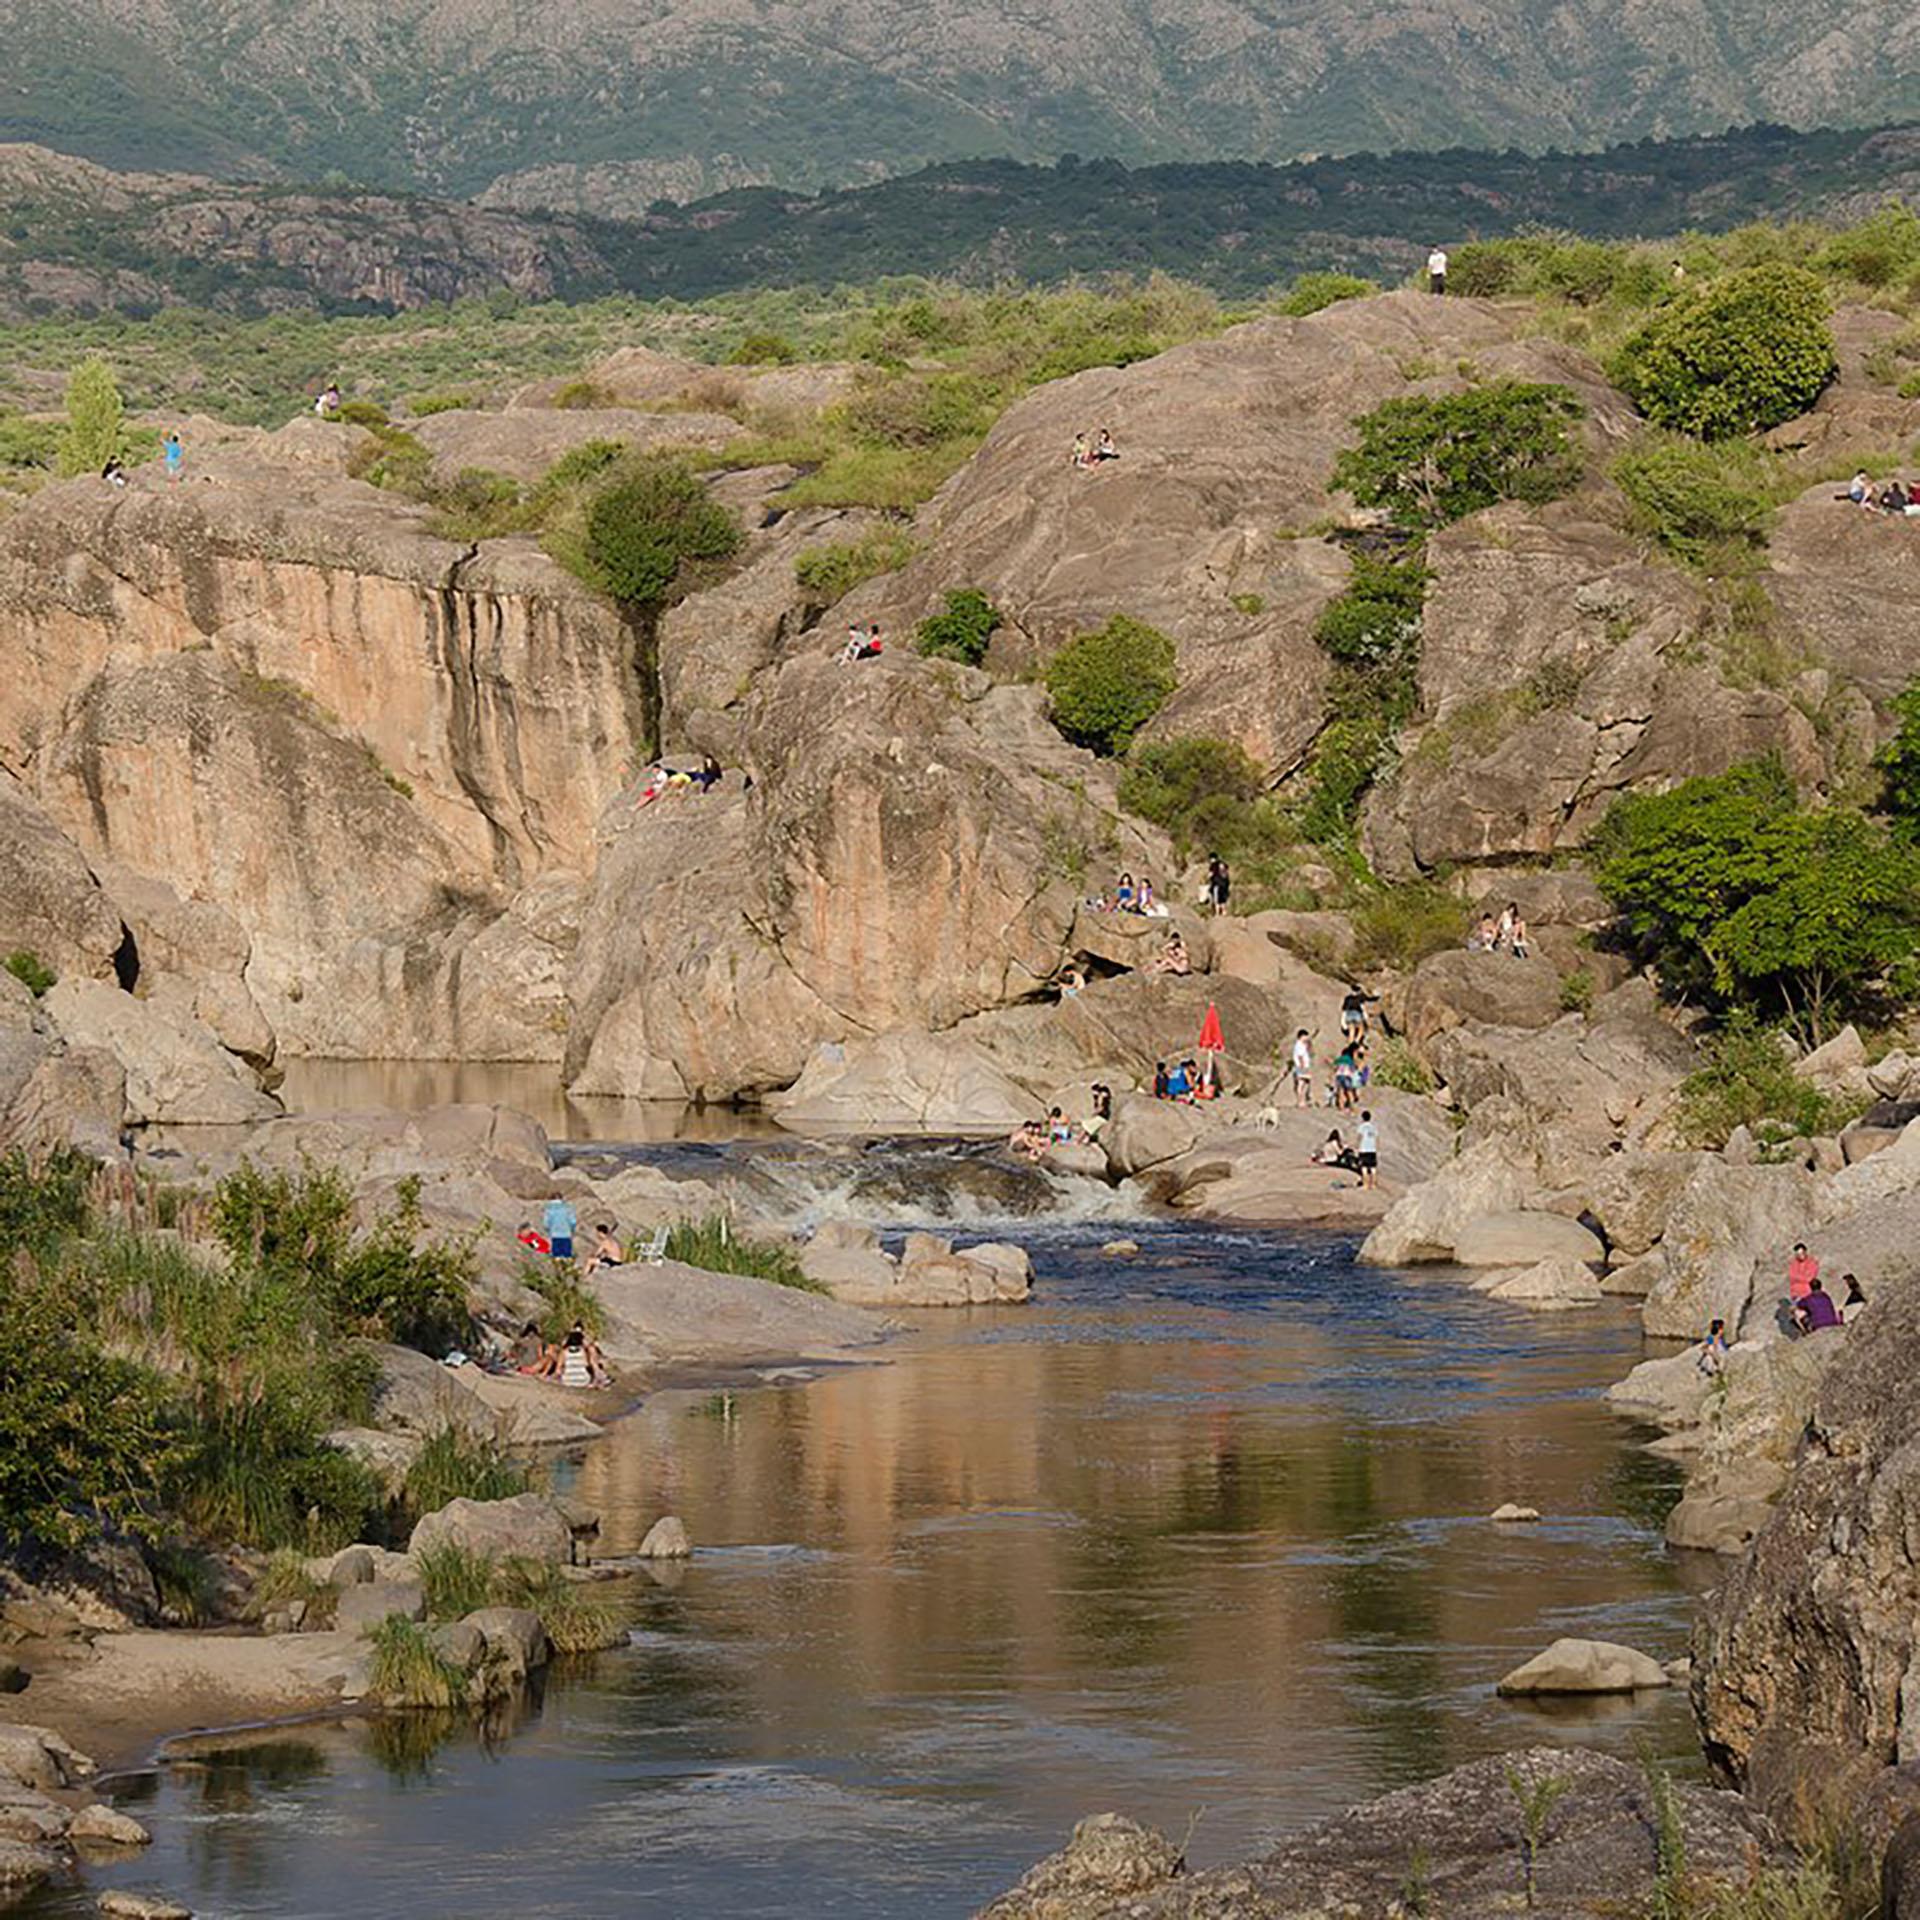 Es una de las áreas más bellas de la provincia de Córdoba que en parque recuerda a la escenografía andina (Fotos Facebook: 7 MAR)